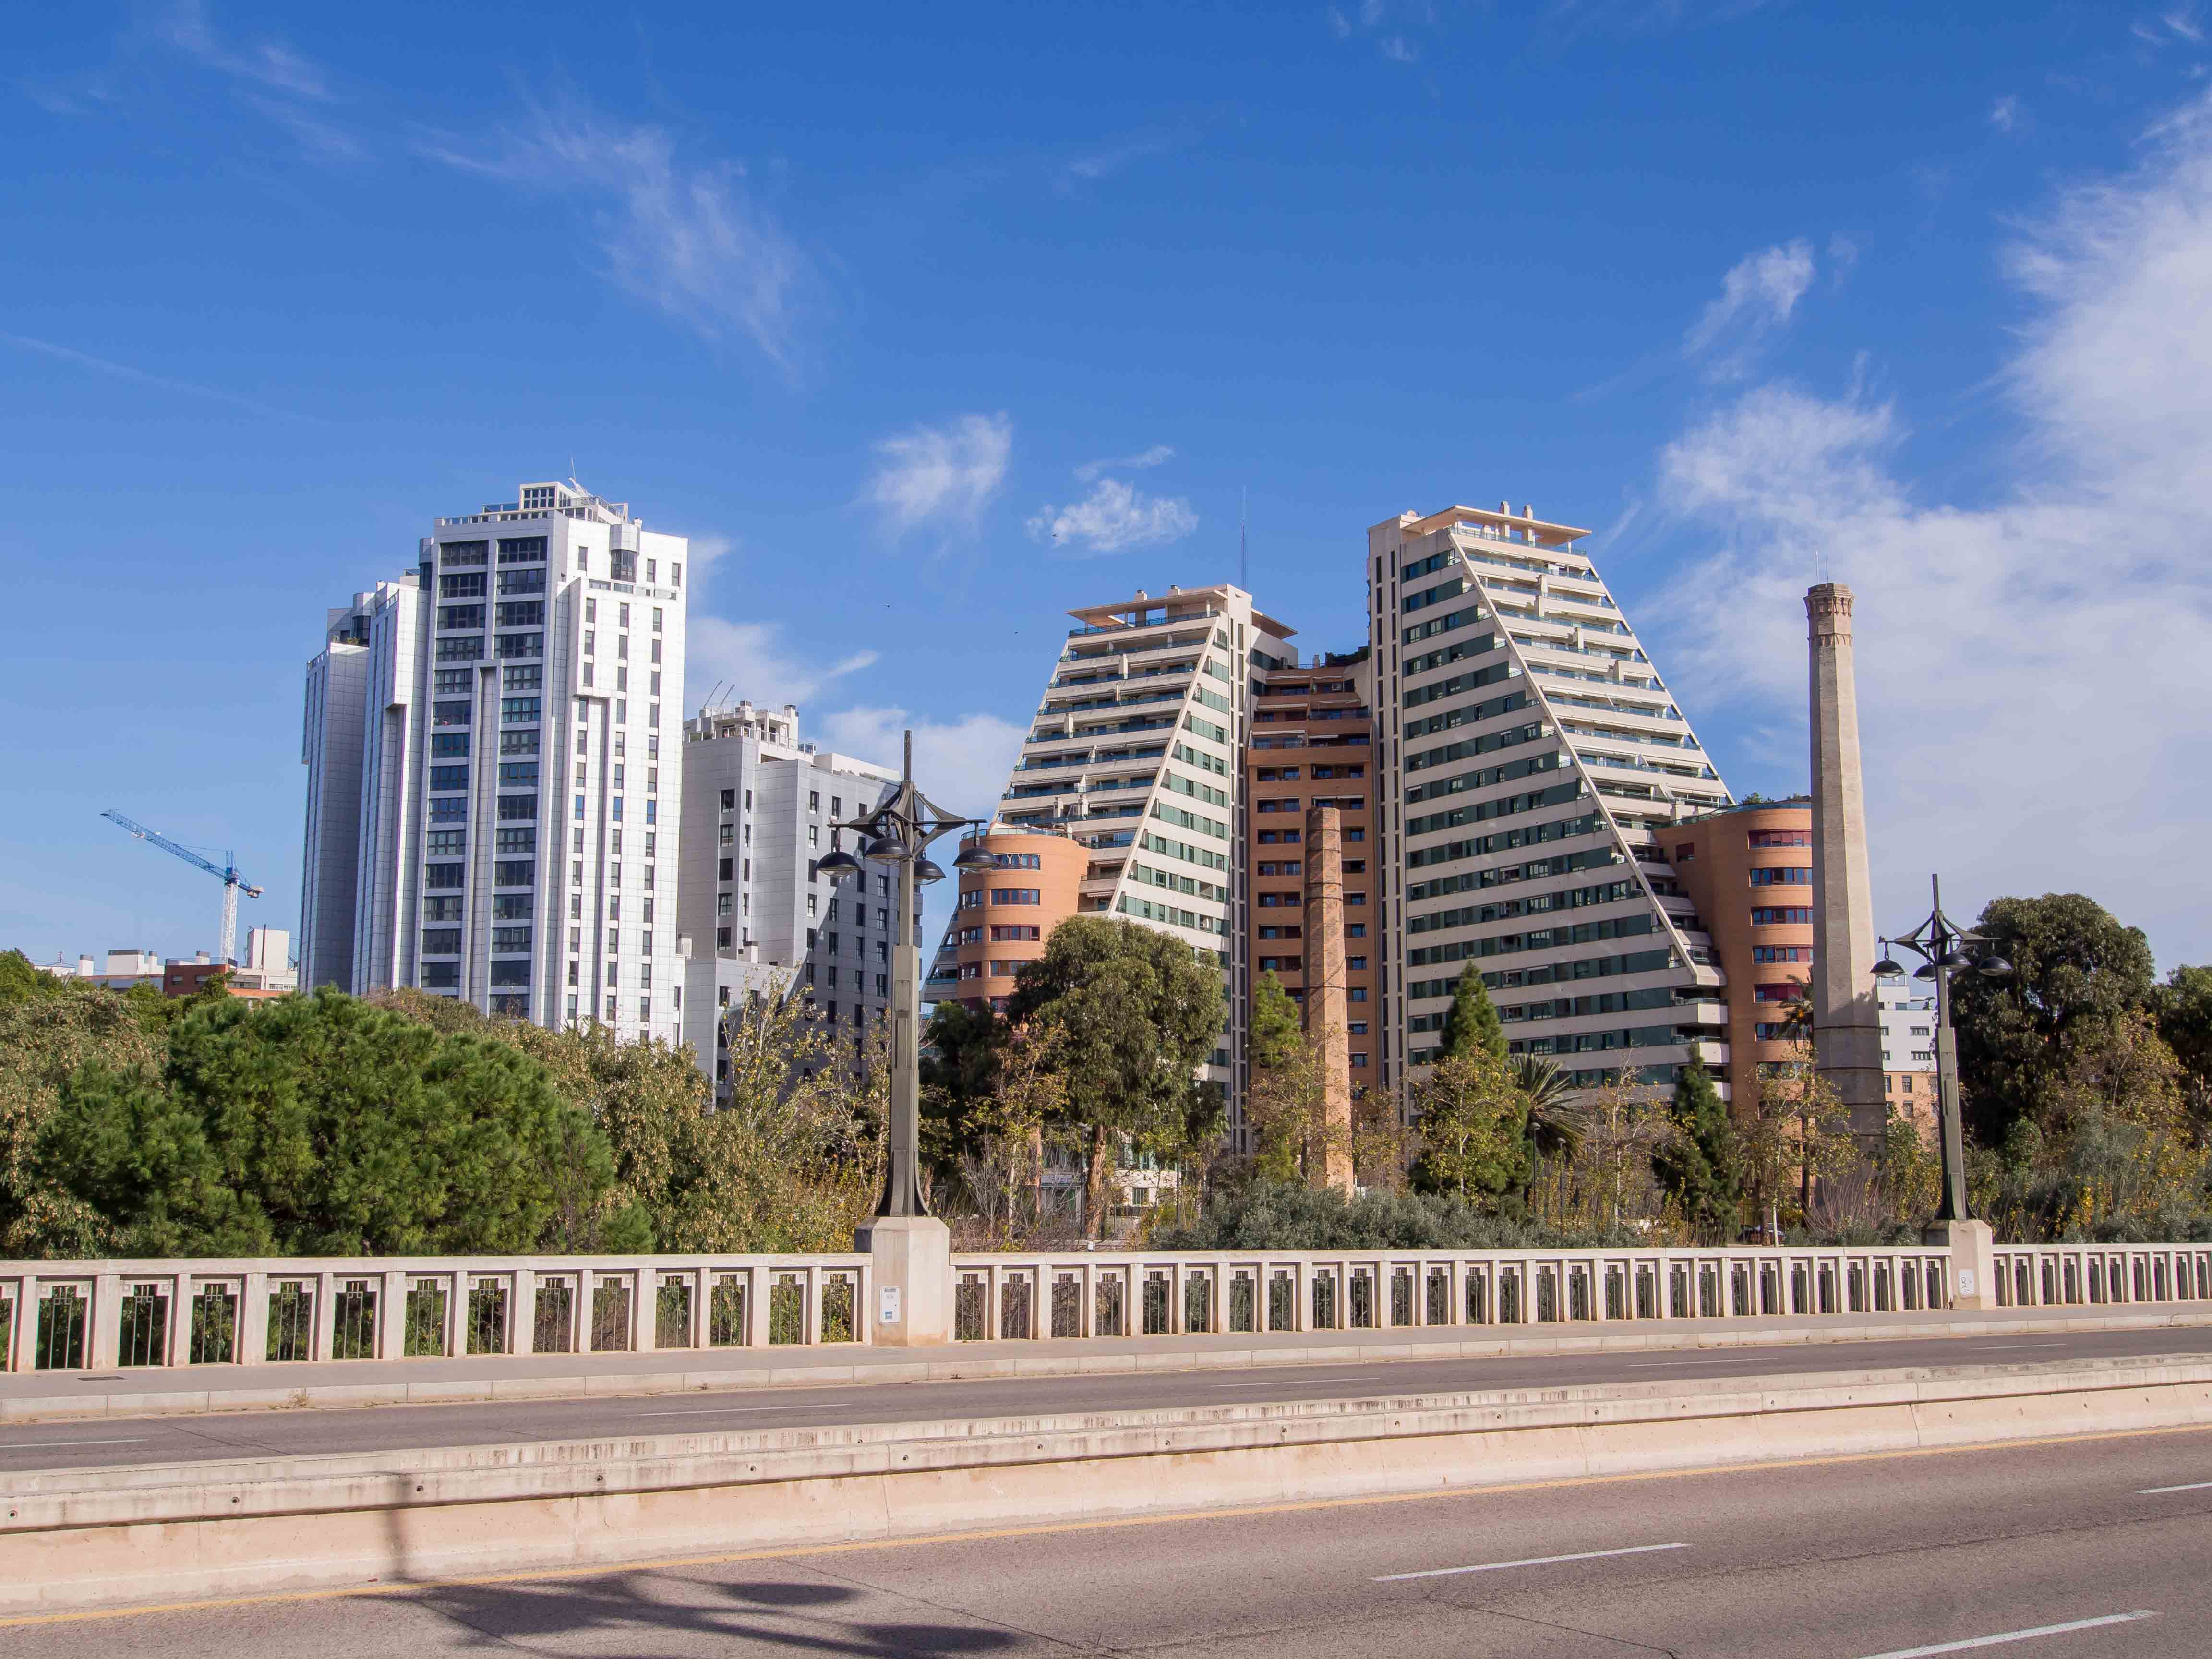 edificio Gulliver visto desde un puente